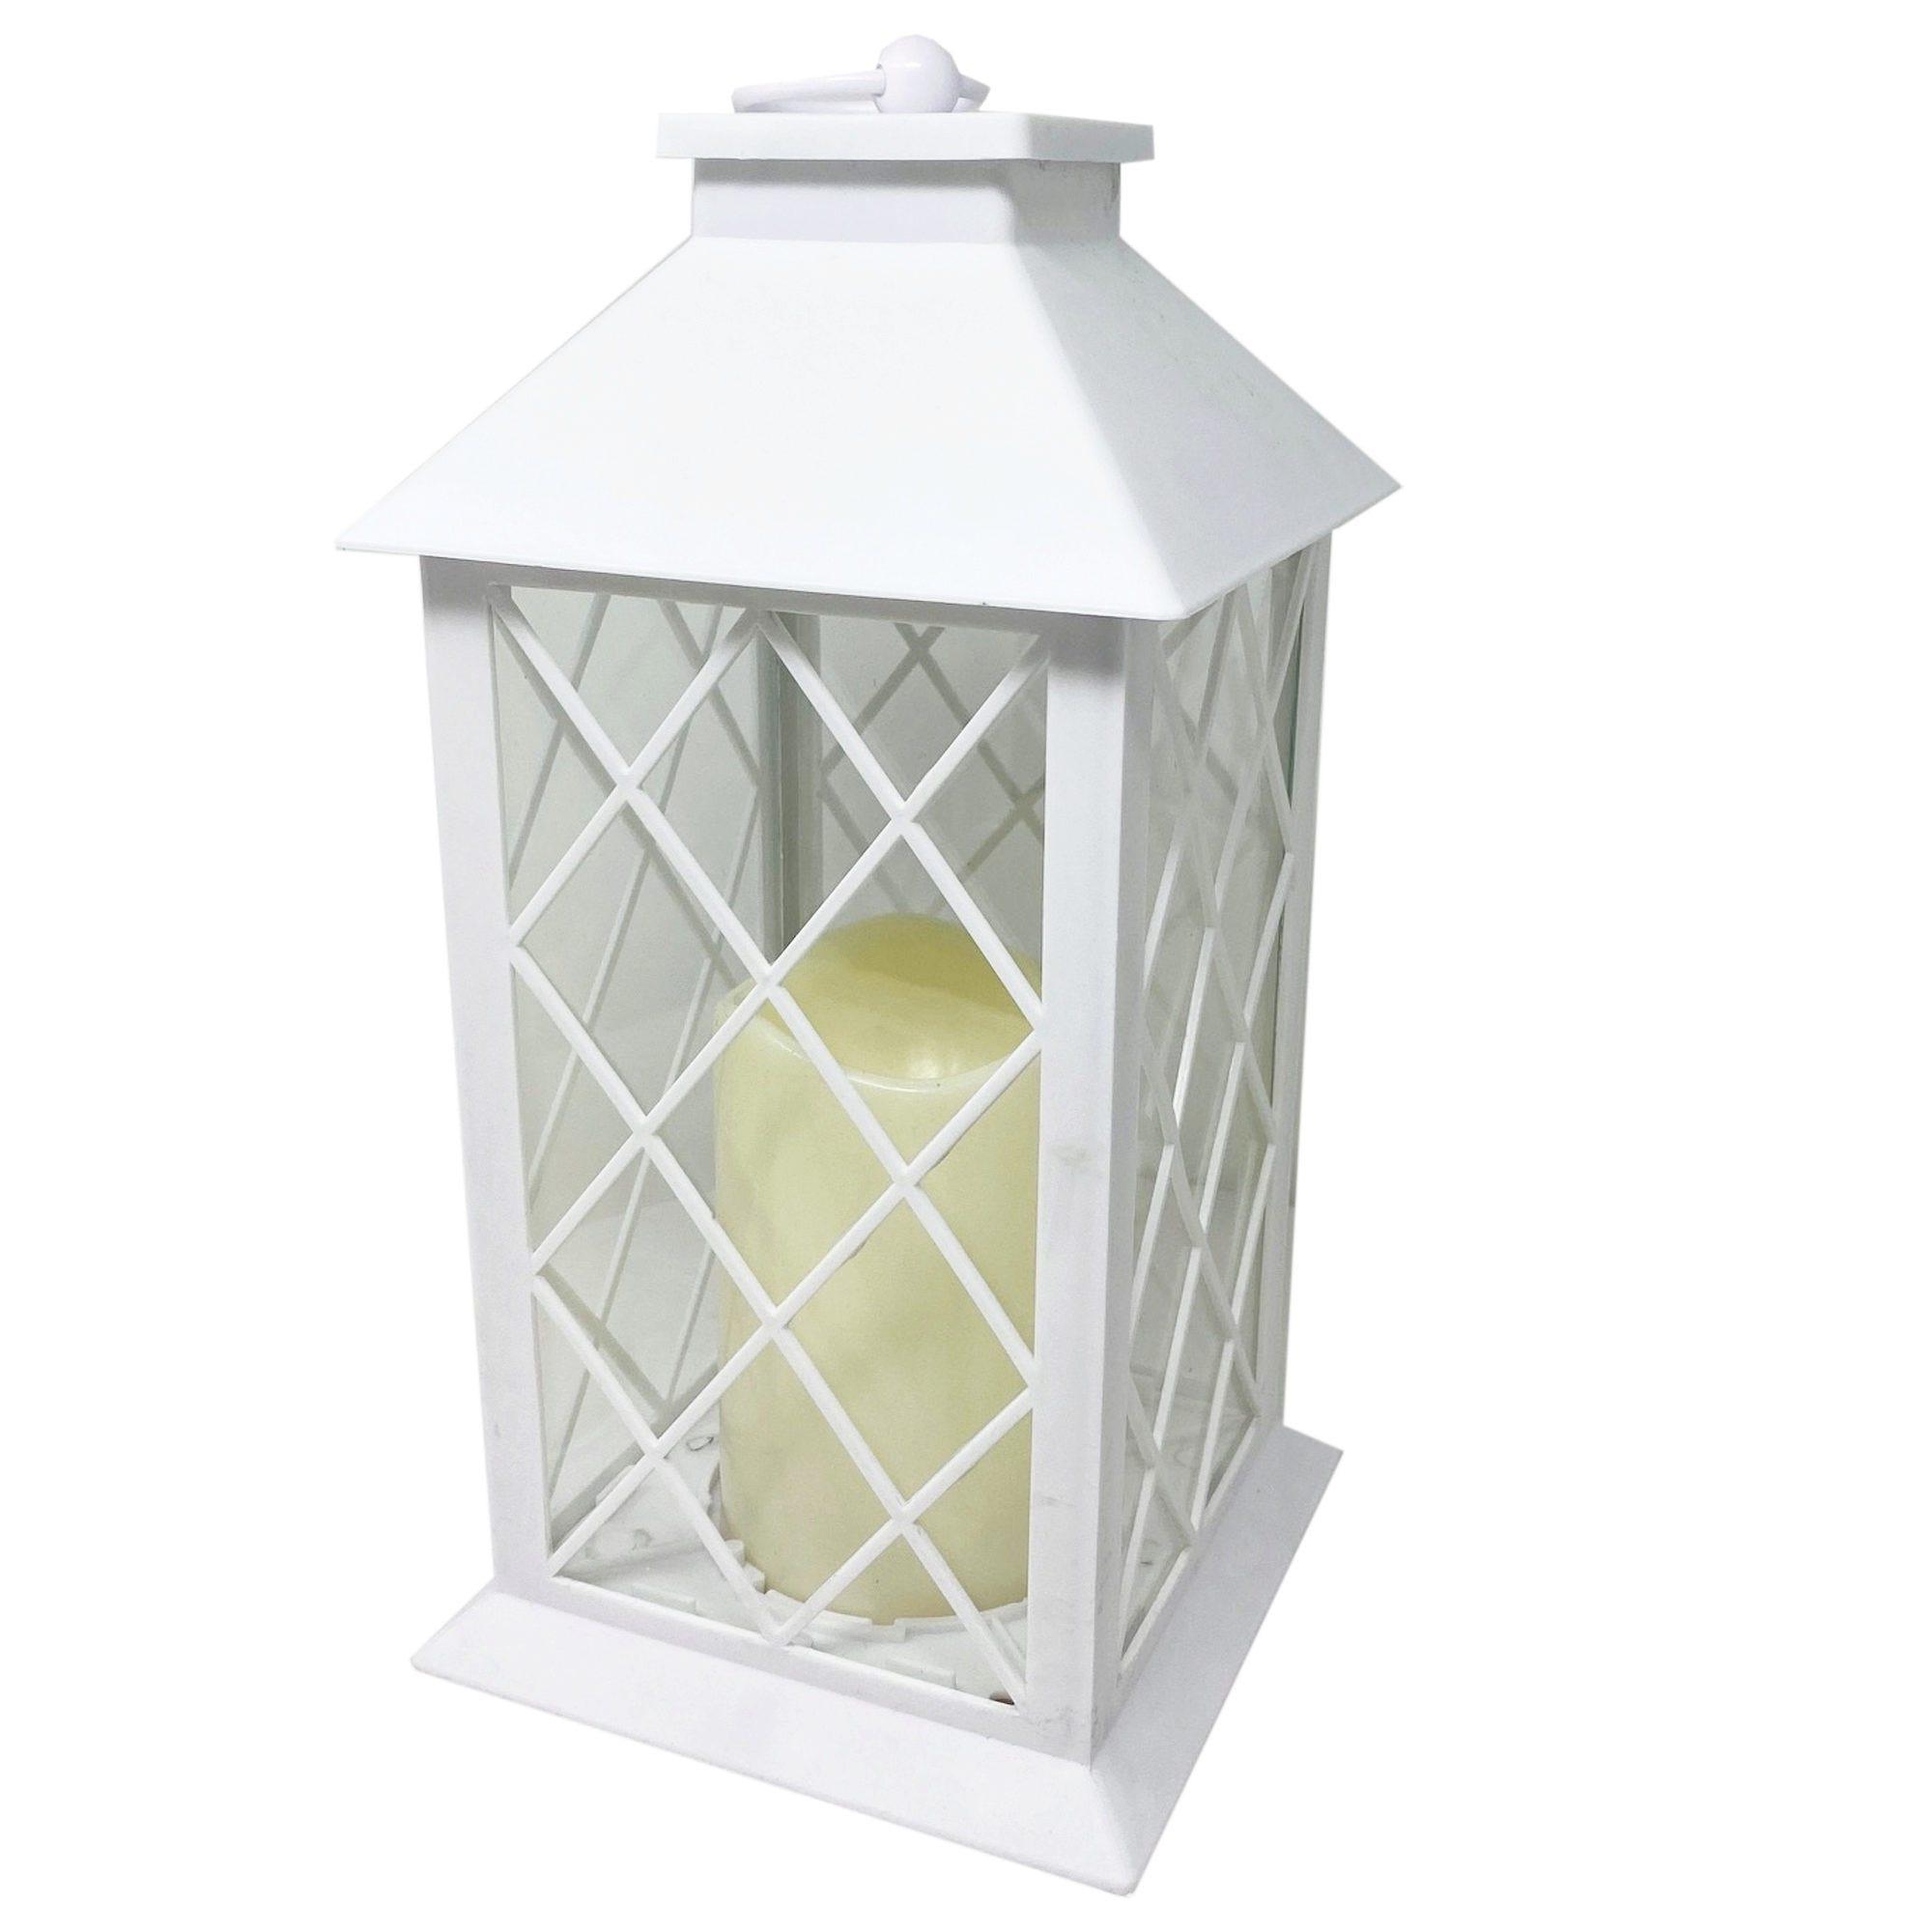 White Decorative LED Lantern with Pillar Candle